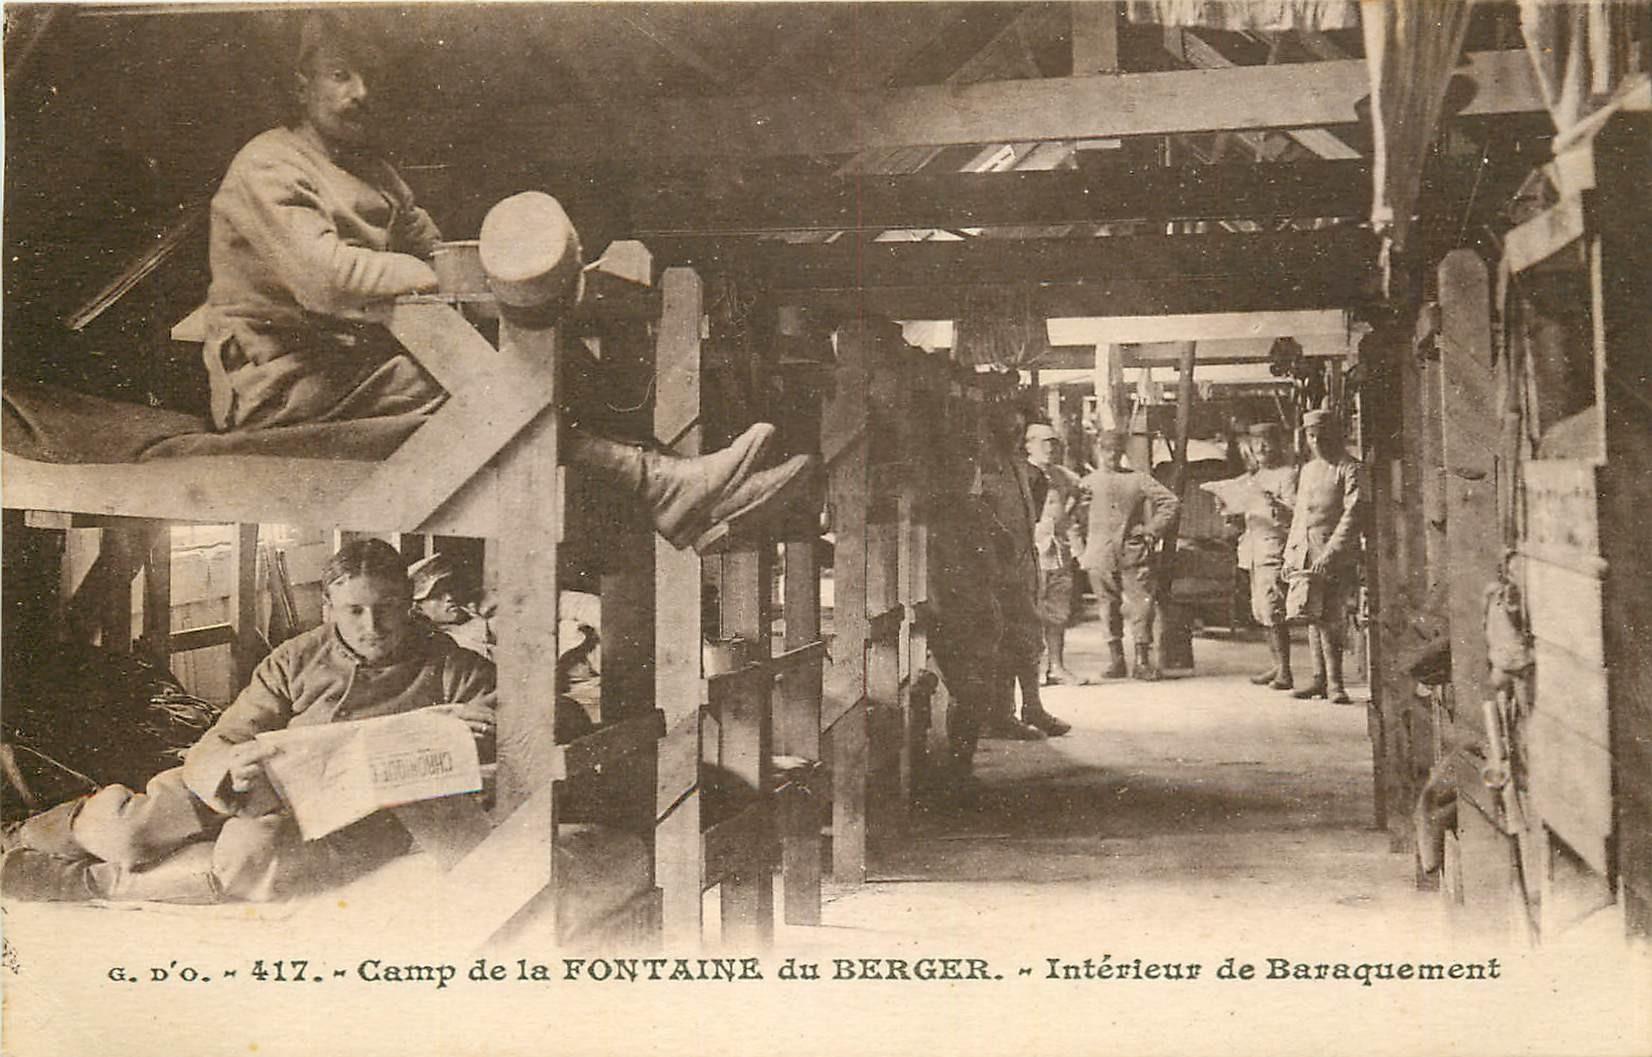 WW 63 CAMP DE LA FONTAINE DU BERGER. Militaires au Baraquement 1927